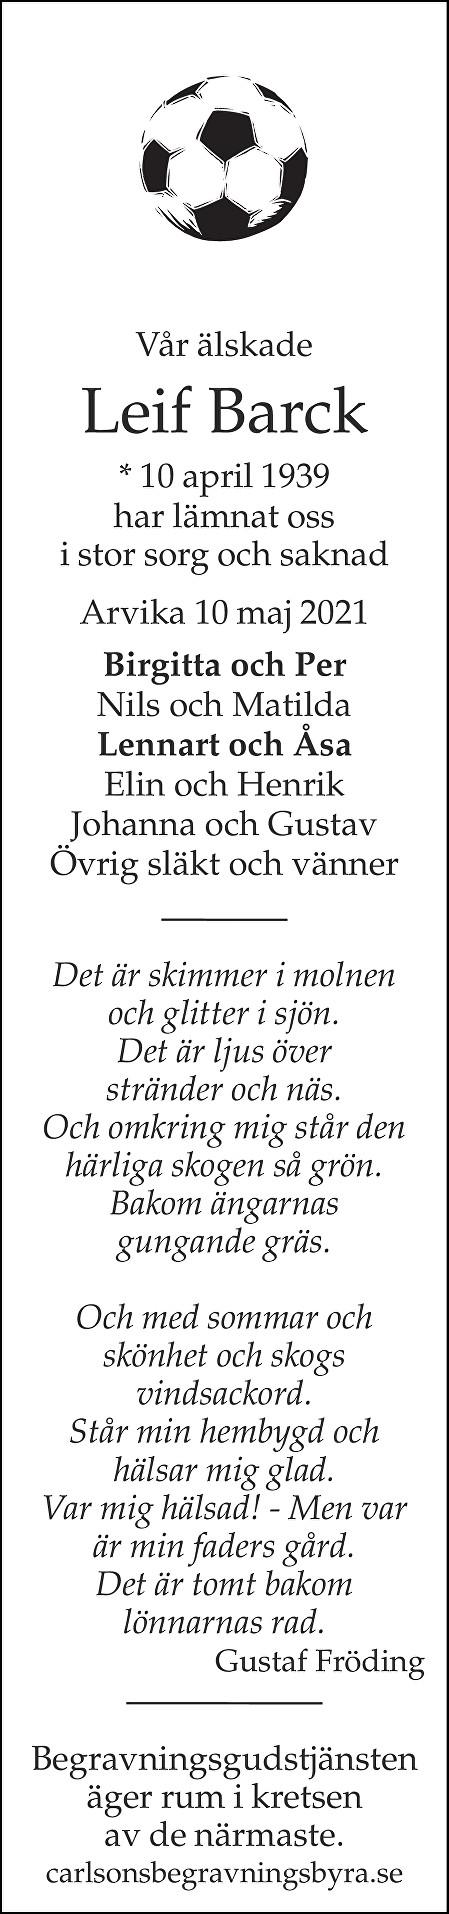 Leif Barck Death notice